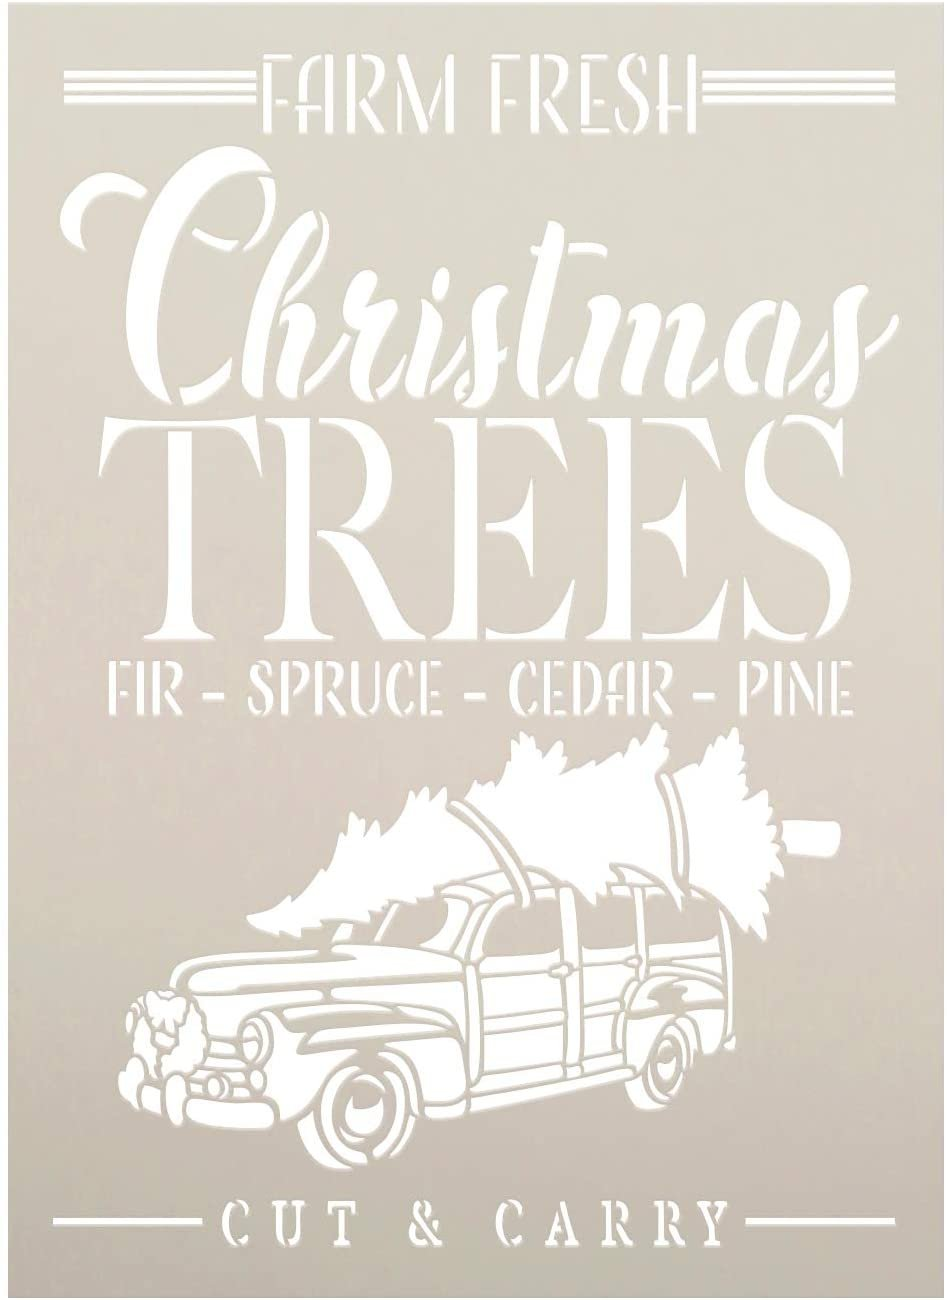 Christmas Trees Stencil with Truck by StudioR12   Farm Fresh Fir Spruce Cedar Pine   DIY Farmhouse Christmas Decor   Select Size